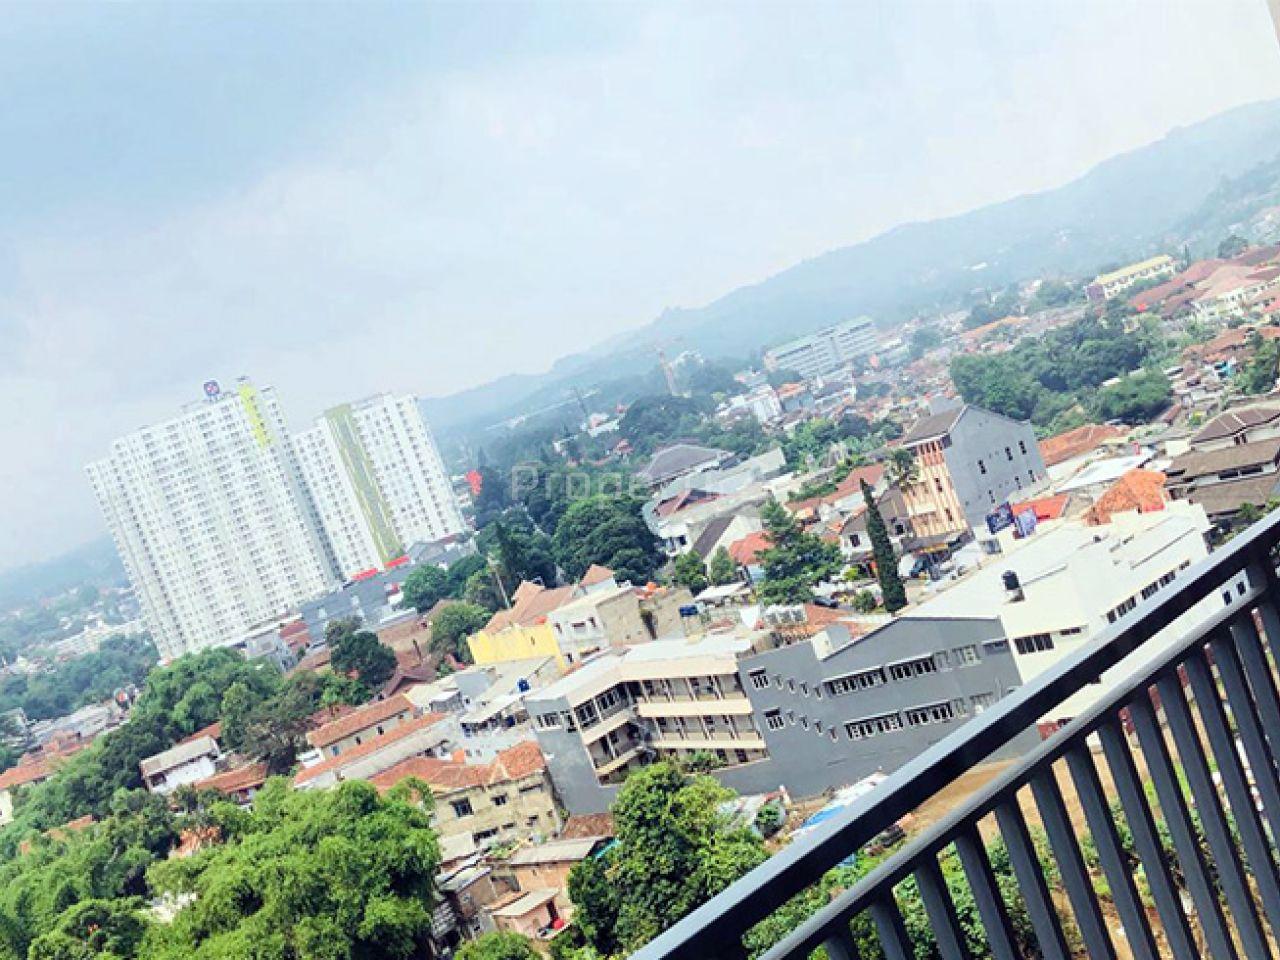 1BR Apartment Unit at Galeri Ciumbuleuit 3, 11th Floor, Jawa Barat